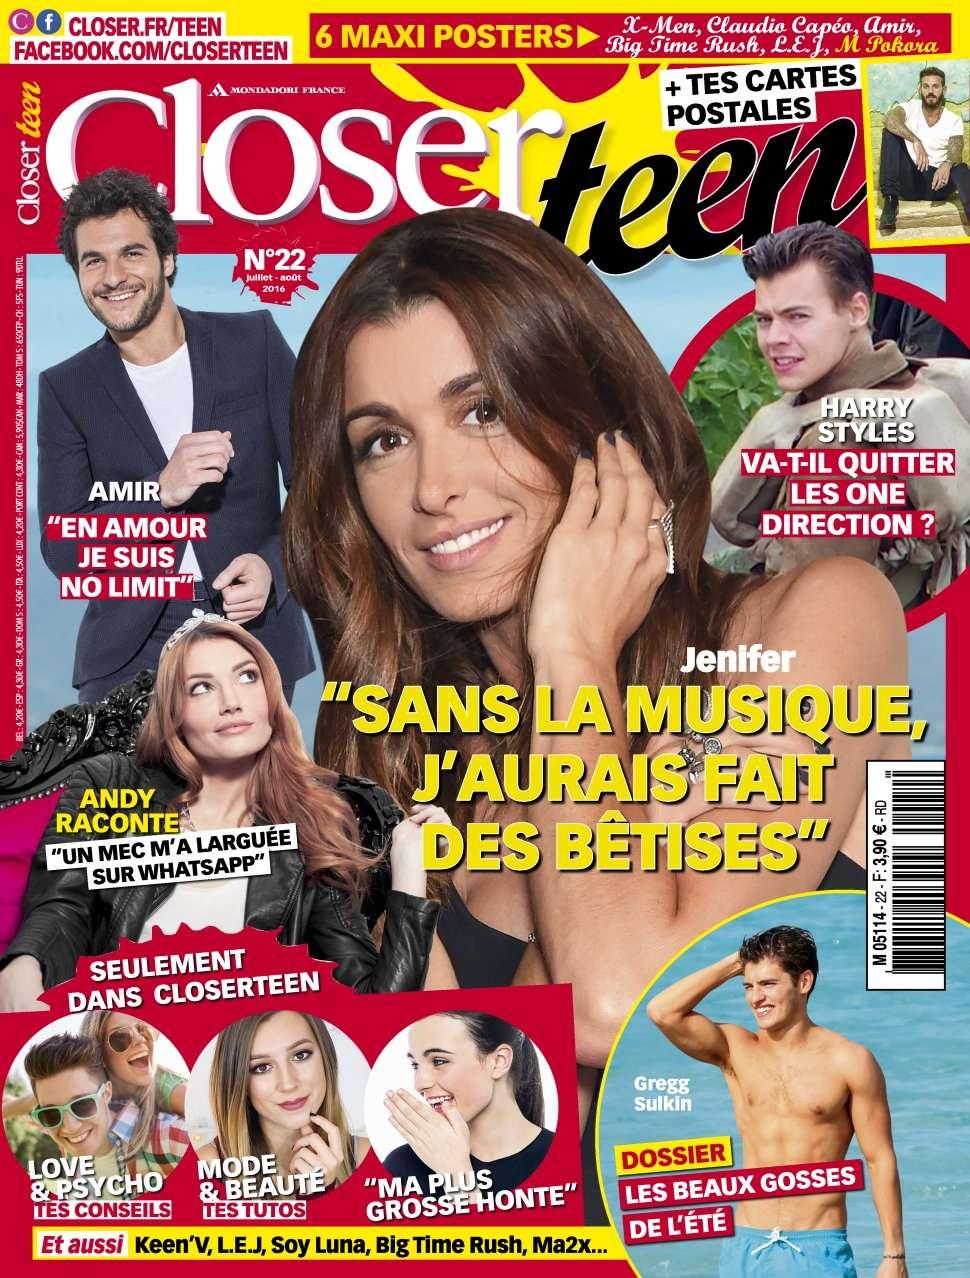 Closer Teen - Juillet/Août 2016